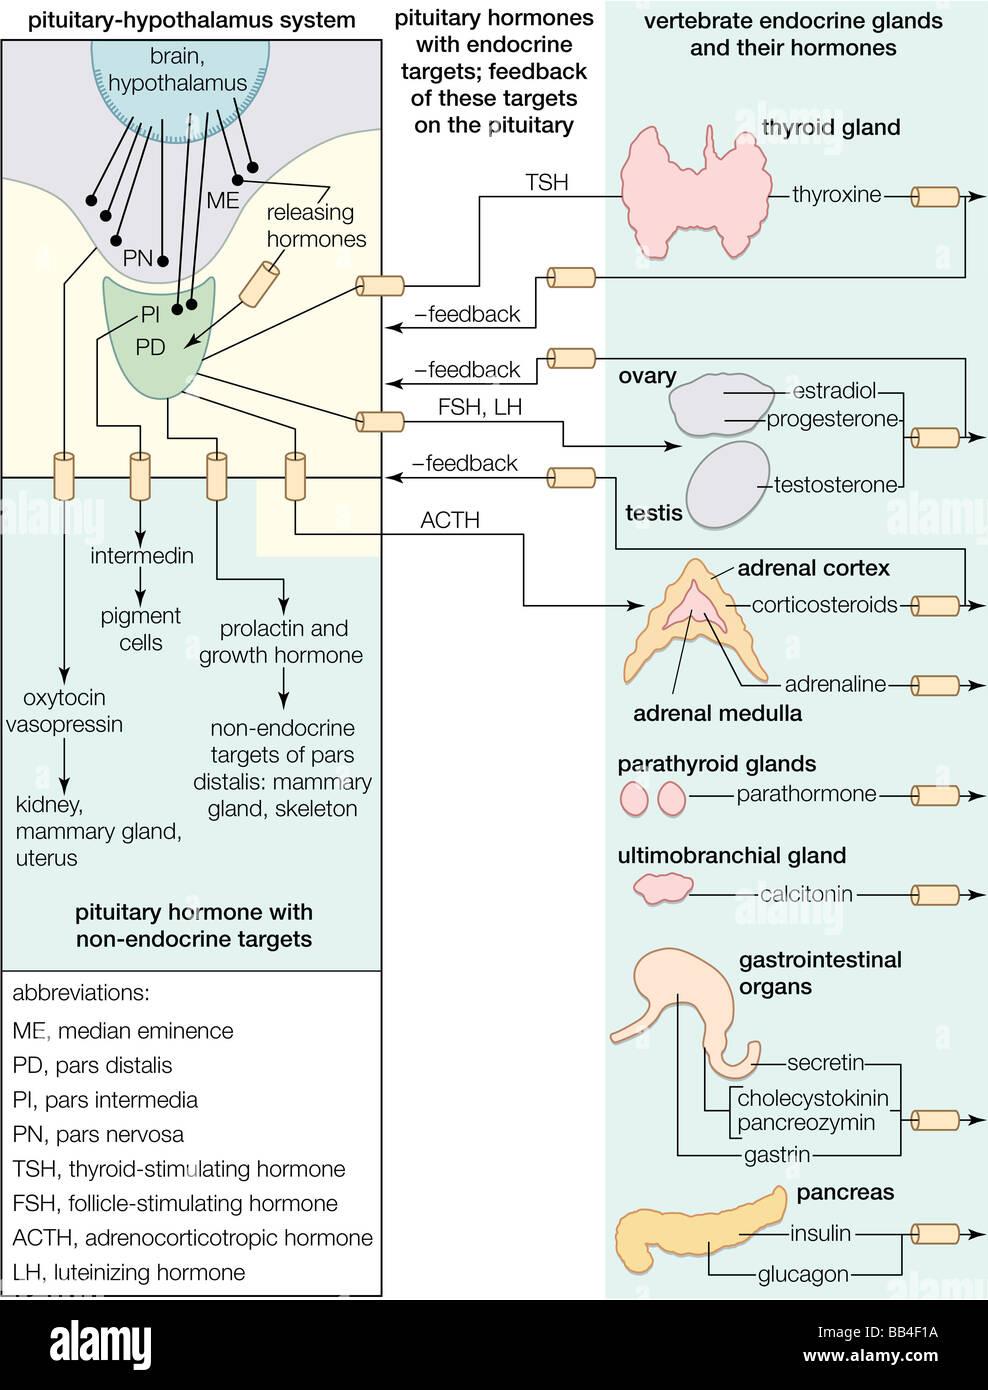 Beziehungen der endokrinen Drüsen, aus dem Hypothalamus-Hypophysen ...